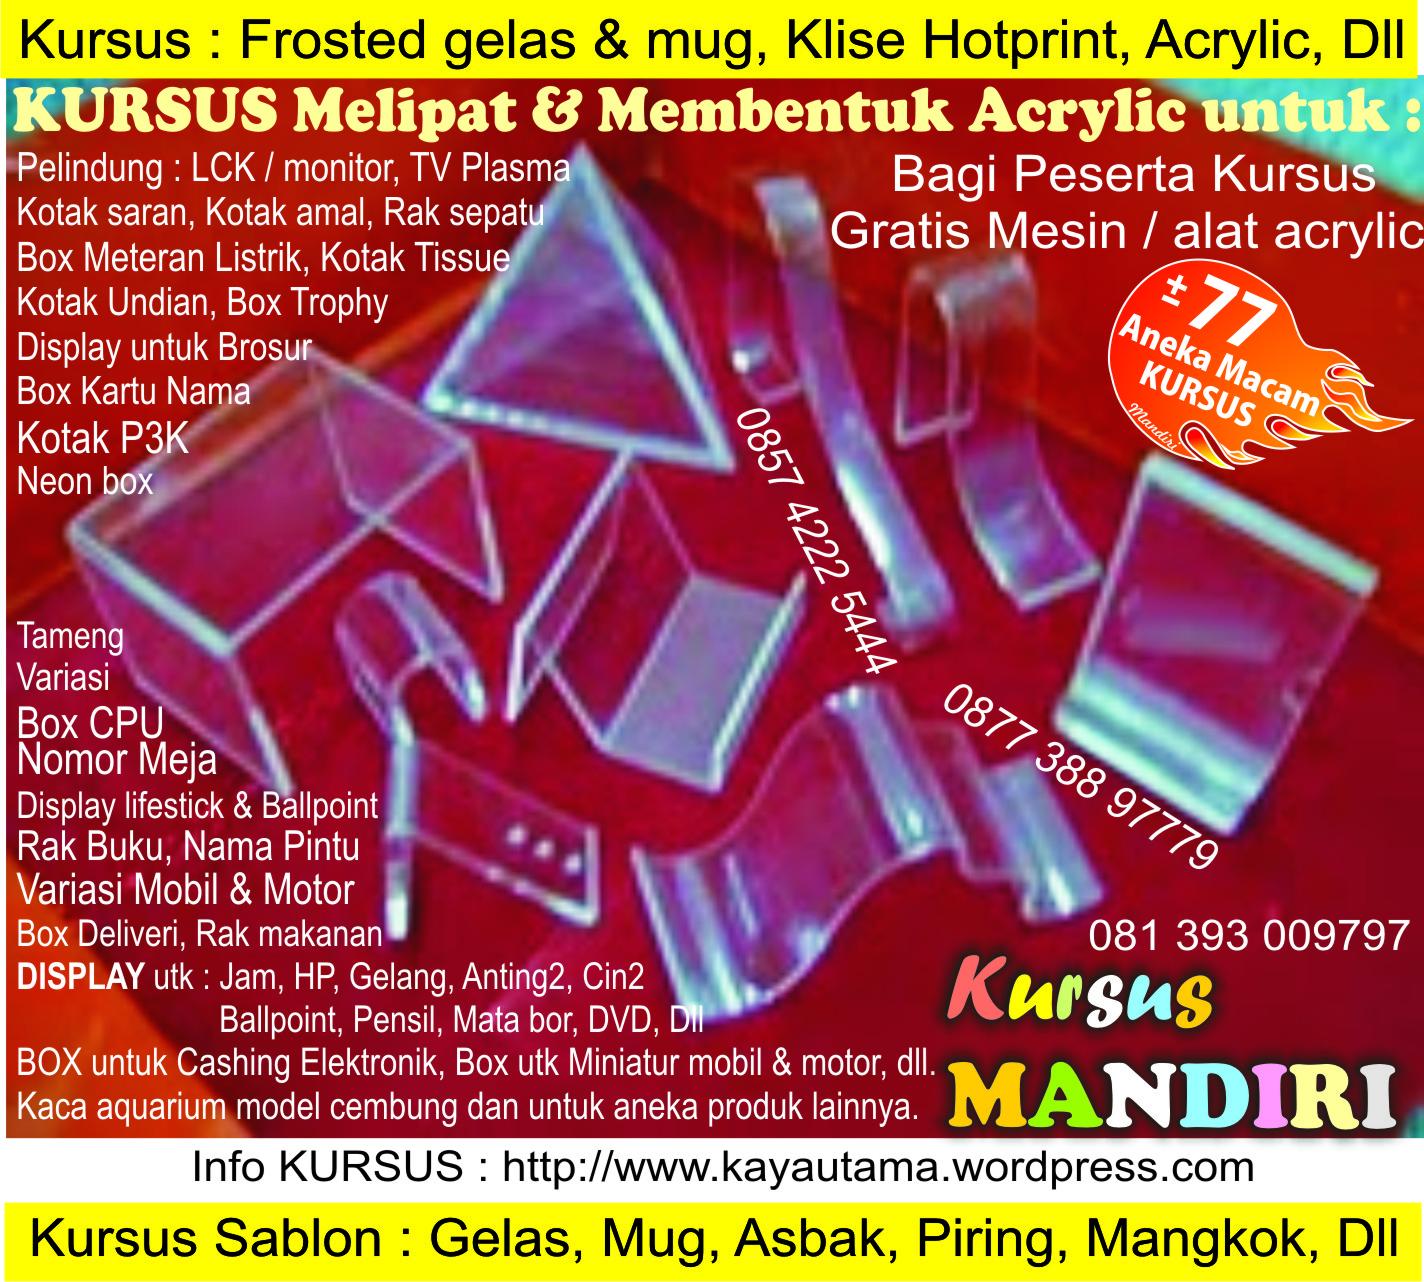 Bursa Kerja Wilayah Pekalongan Batang Terbaru Bursa Lowongan Kerja Jawa Tengah 2016 Lokersemarang Tgl Merah Dan Hari Raya Kursus Kami Tetap Buka Dan Tidak Kenal Libur